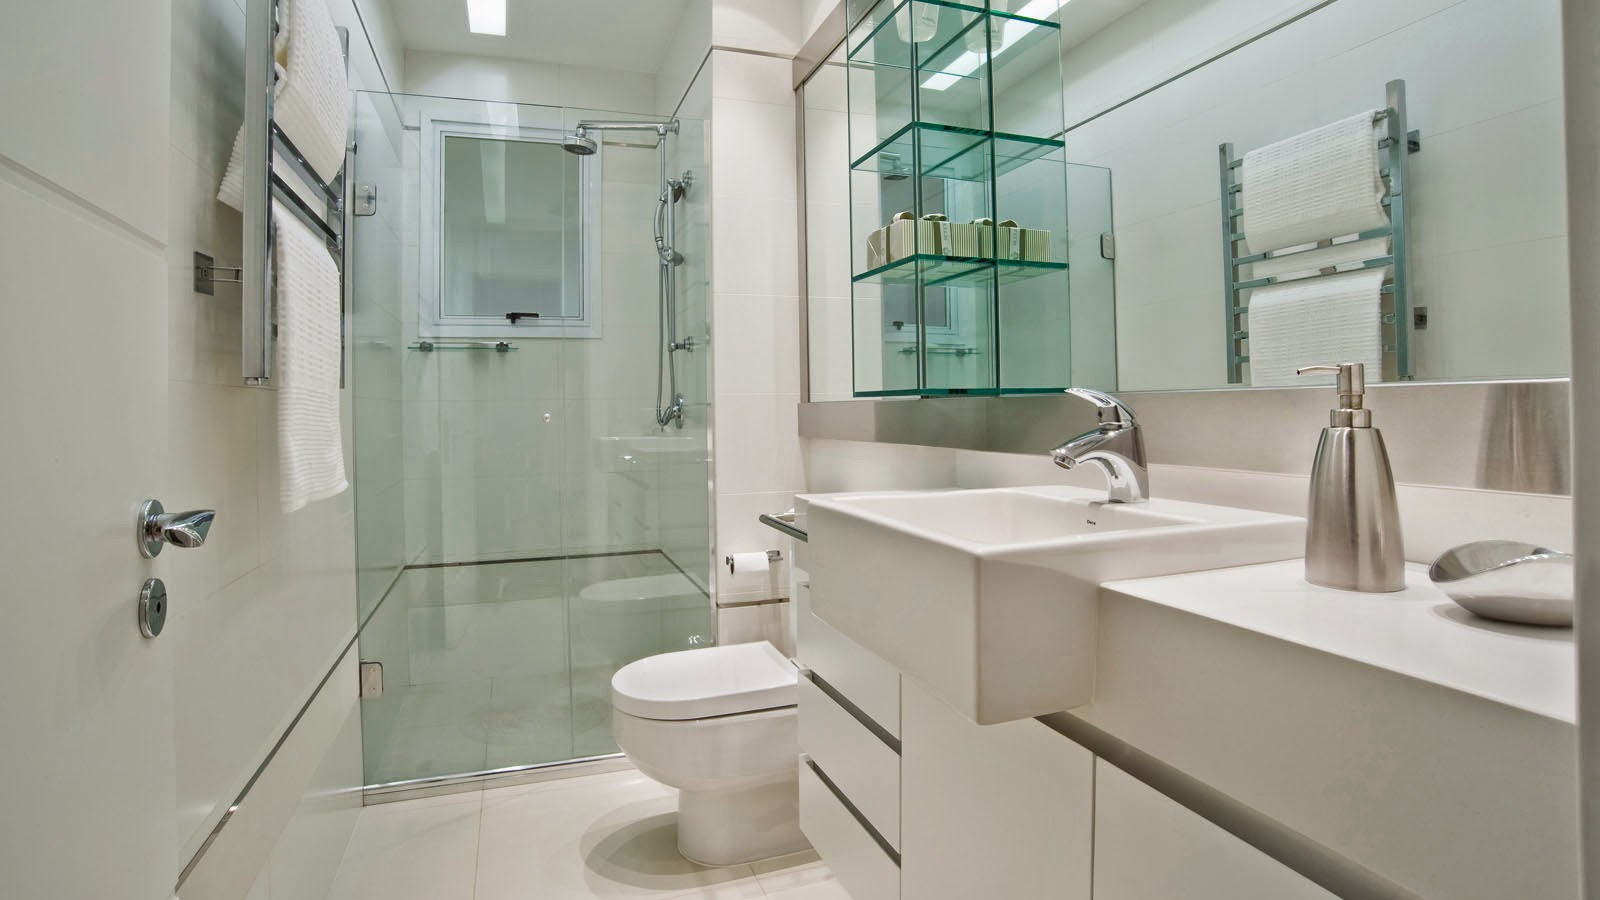 Banheiro Bonito E Pequeno  rinkratmagcom banheiros decorados 2017 -> Nicho Quadrado Banheiro